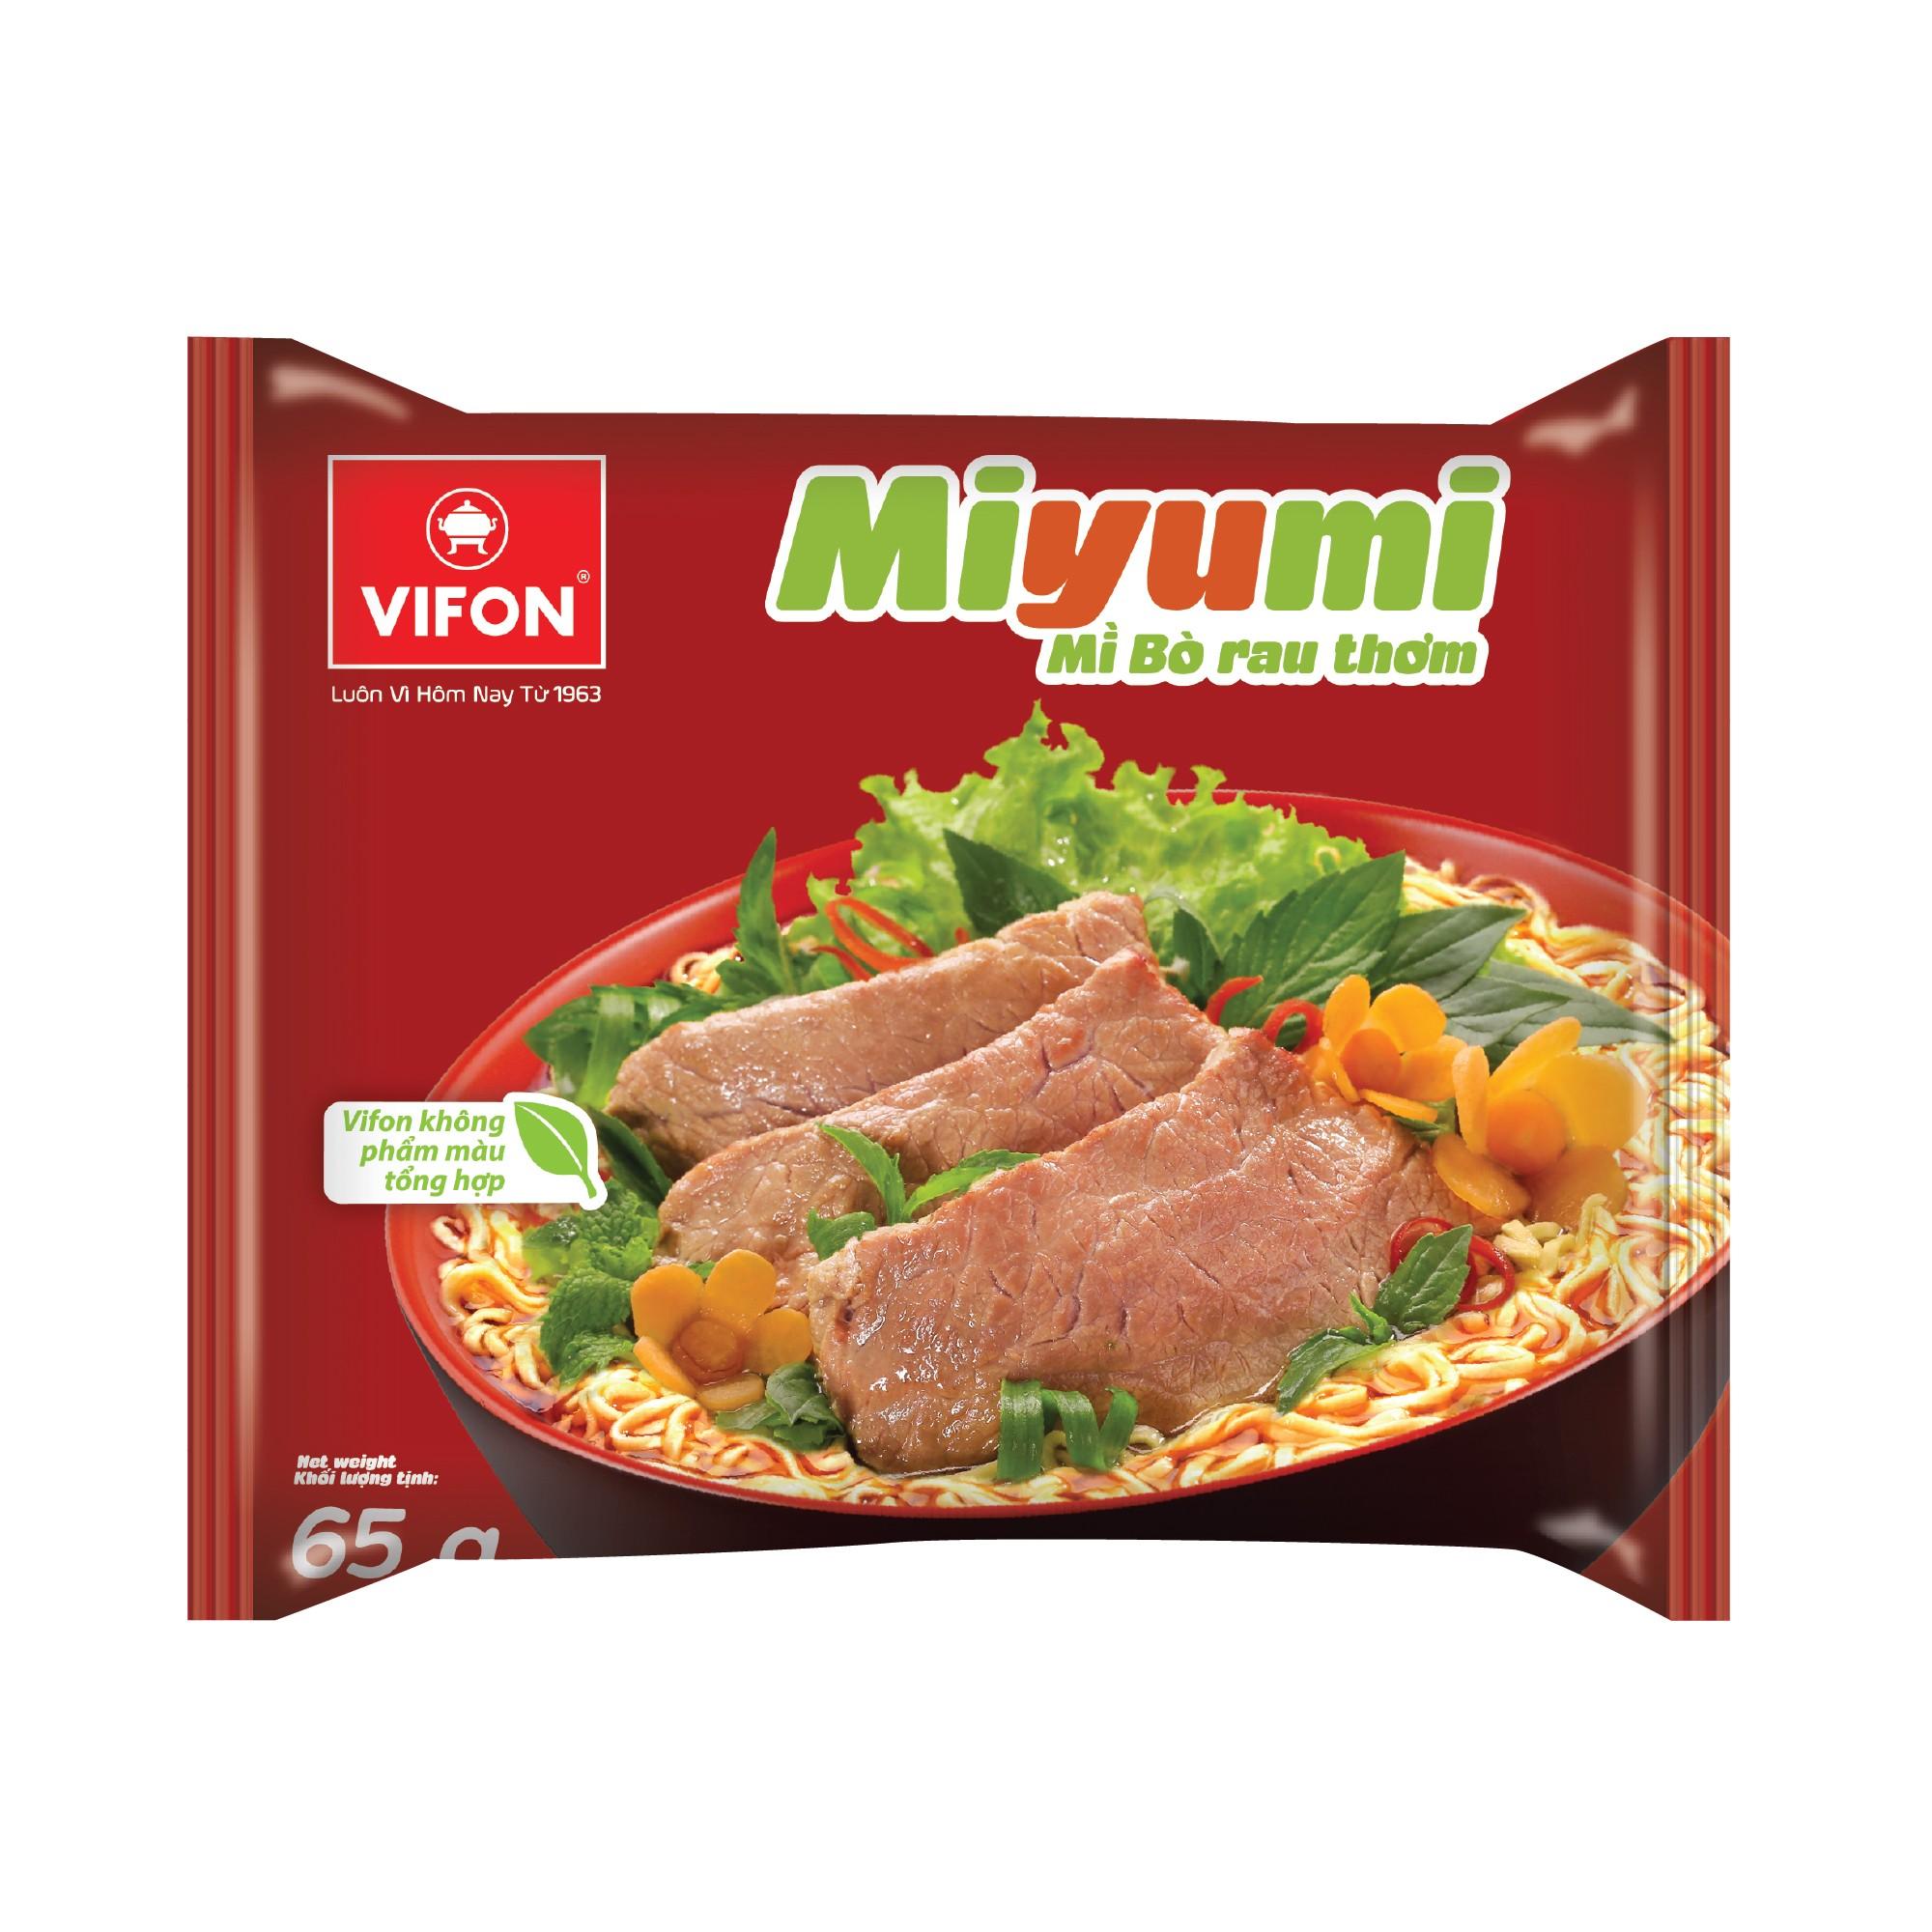 Thùng 30 Gói Mì Miyumi Bò Rau Thơm 65g Vifon - 893456125218401